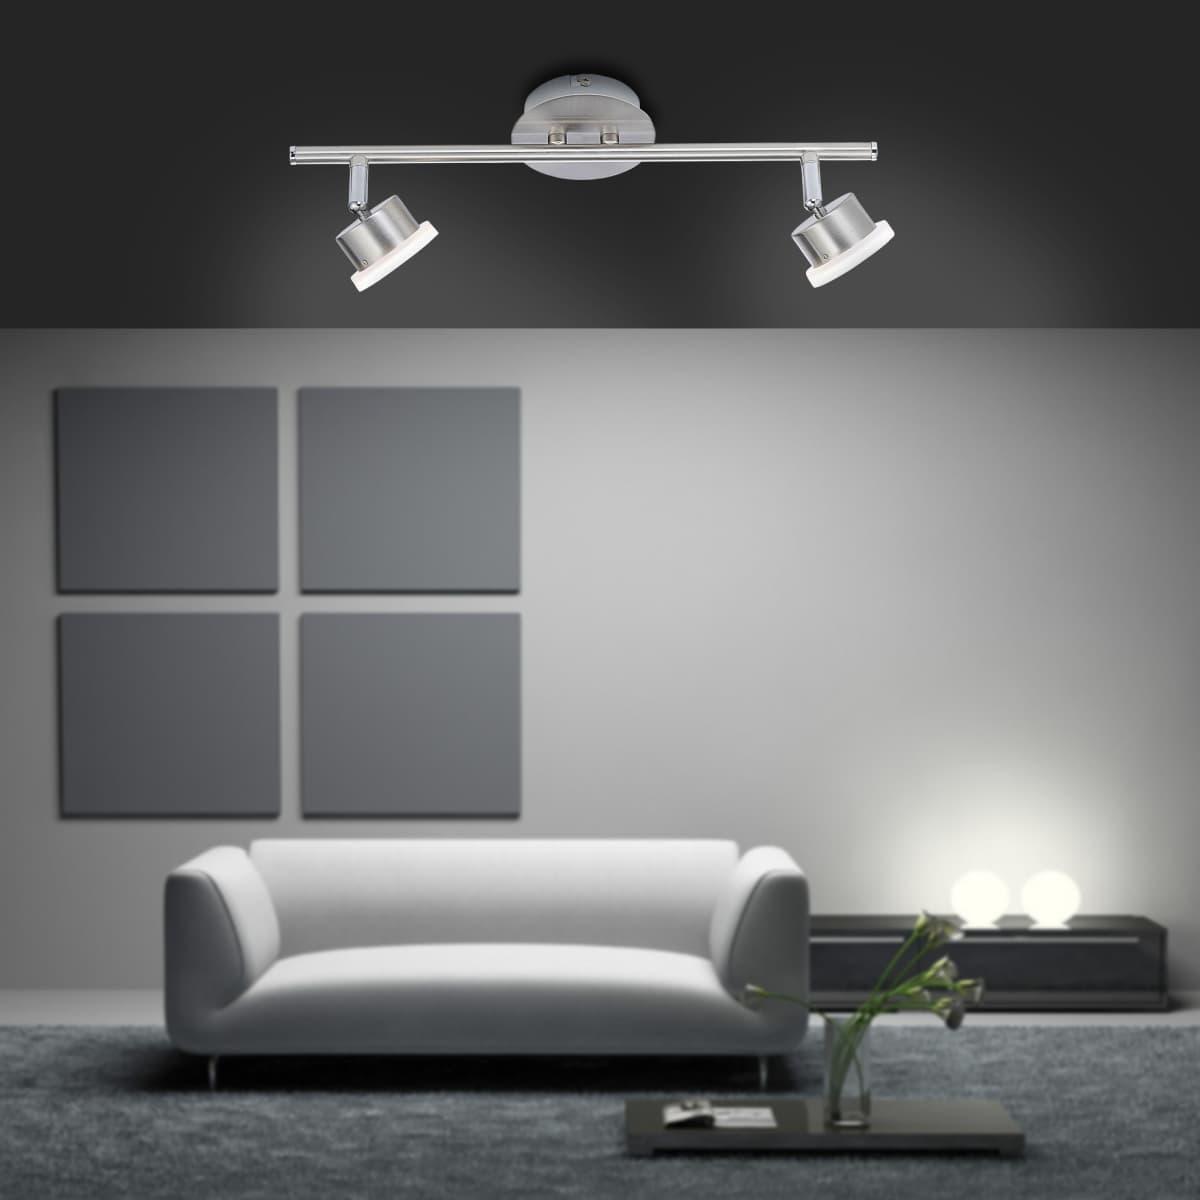 LED-Deckenstrahler in Stahl mit 2 Leuchtköpfen sowie warmweißer Lichtfarbe inkl. Switchmo Dimmfunktion